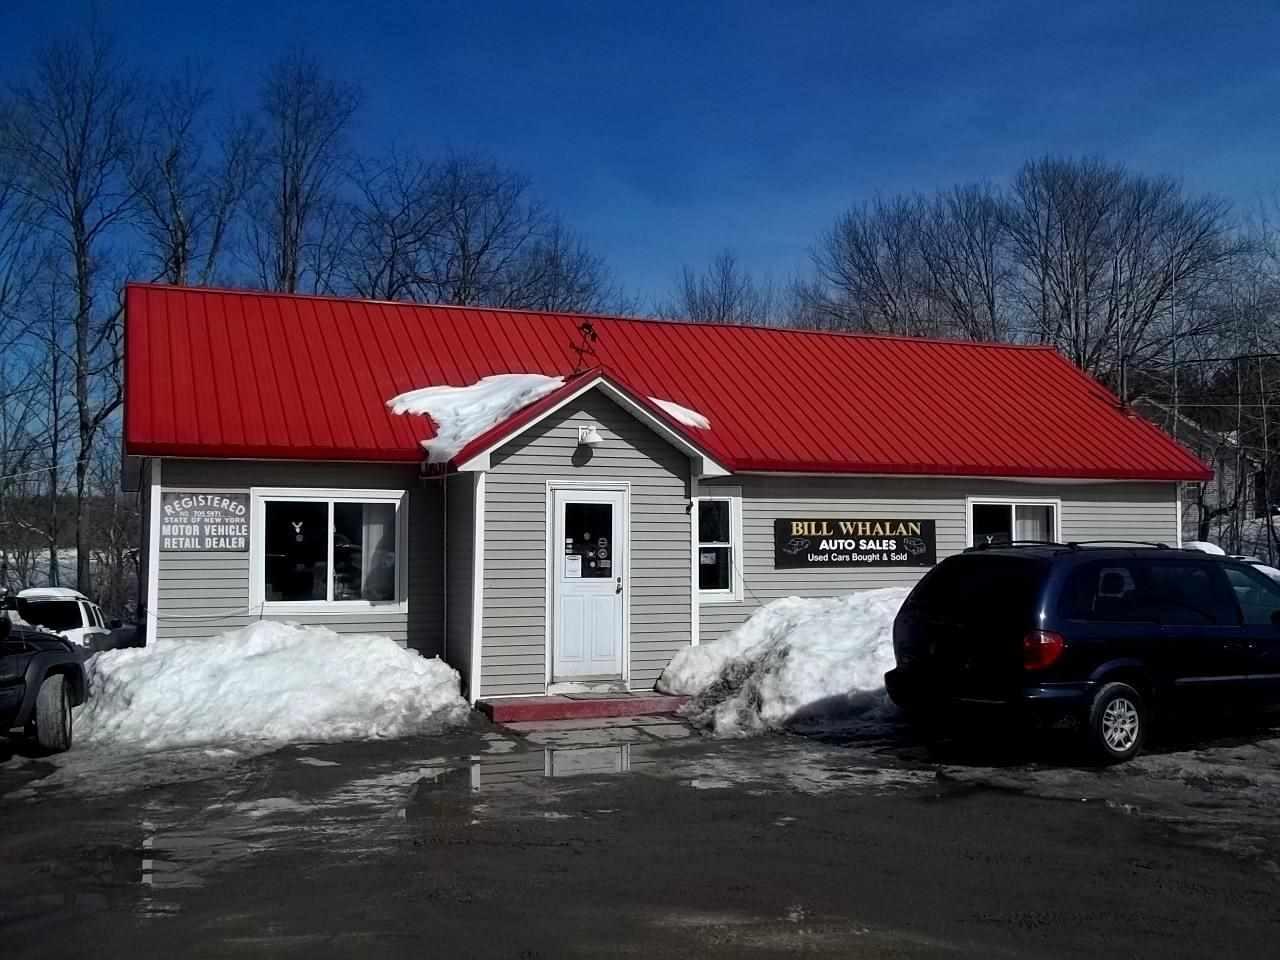 Image of Acreage for Sale near Monticello, New York, in Sullivan county: 1.30 acres